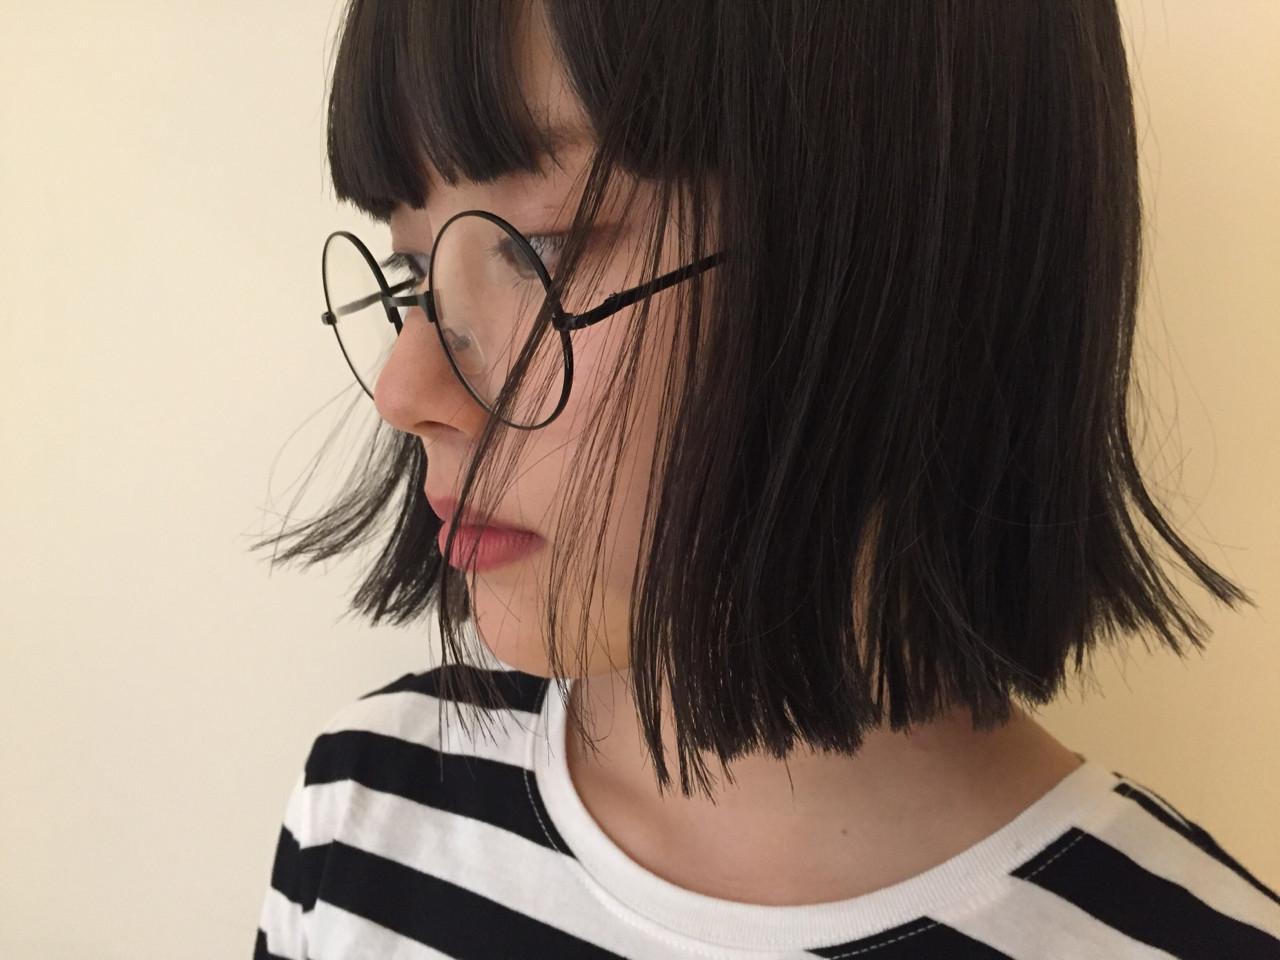 パッツン前髪でピュア感たっぷりショートボブ 水谷優太